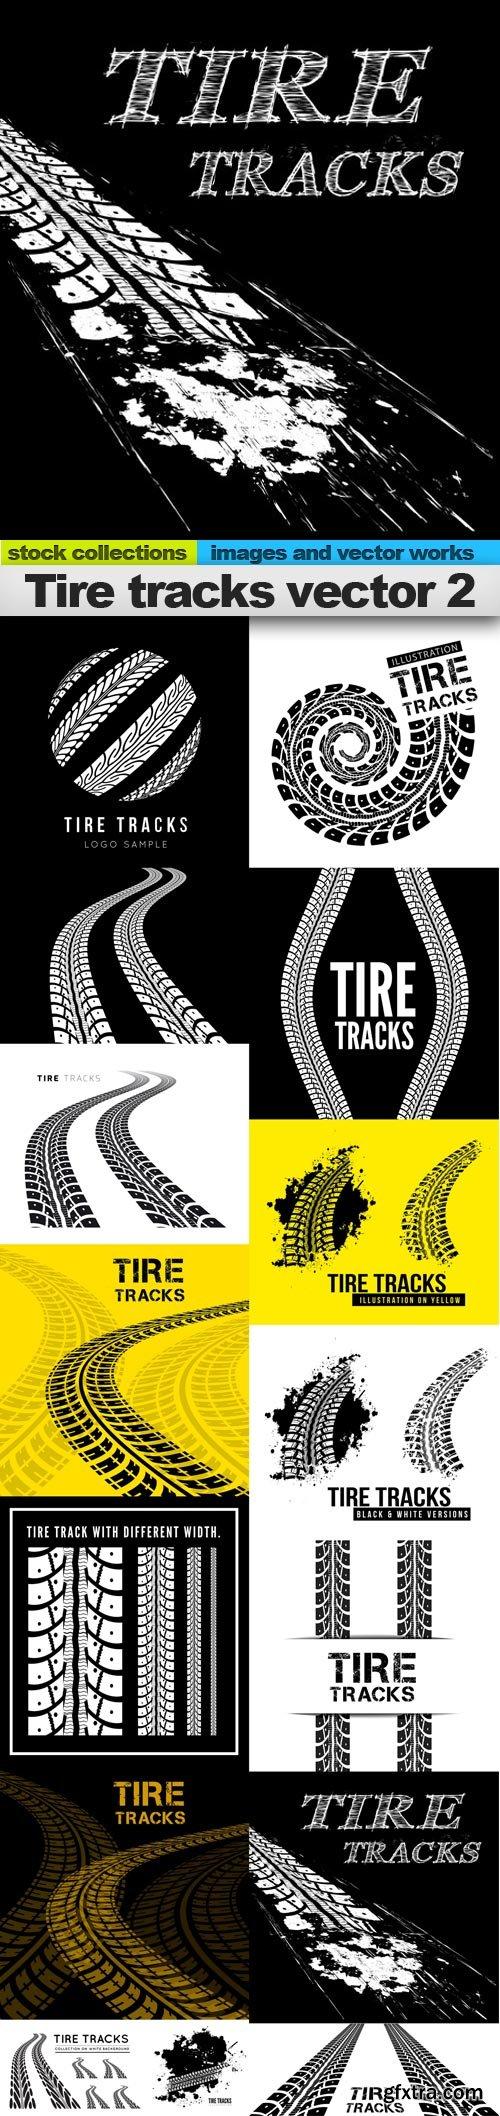 Tire tracks vector 2, 15 x EPS